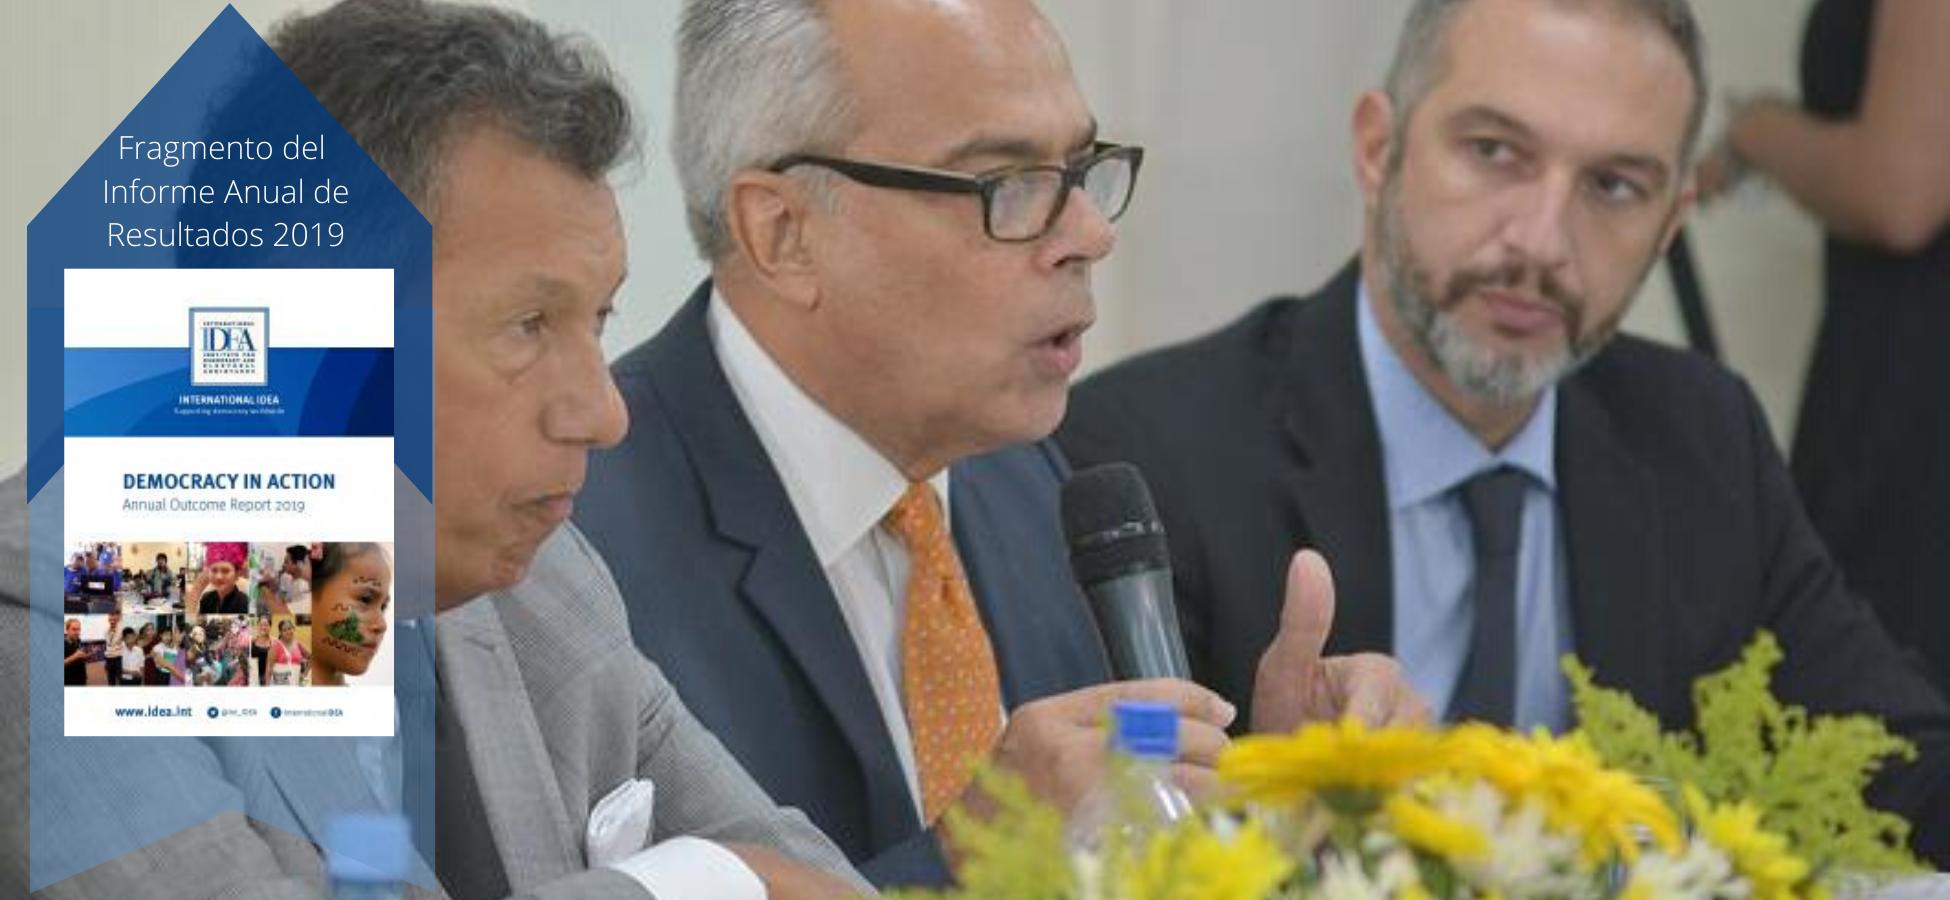 Daniel Zovatto, Director Regional de IDEA Internacional para América Latina y el Caribe, habla sobre los riesgos del mal uso de las redes sociales.